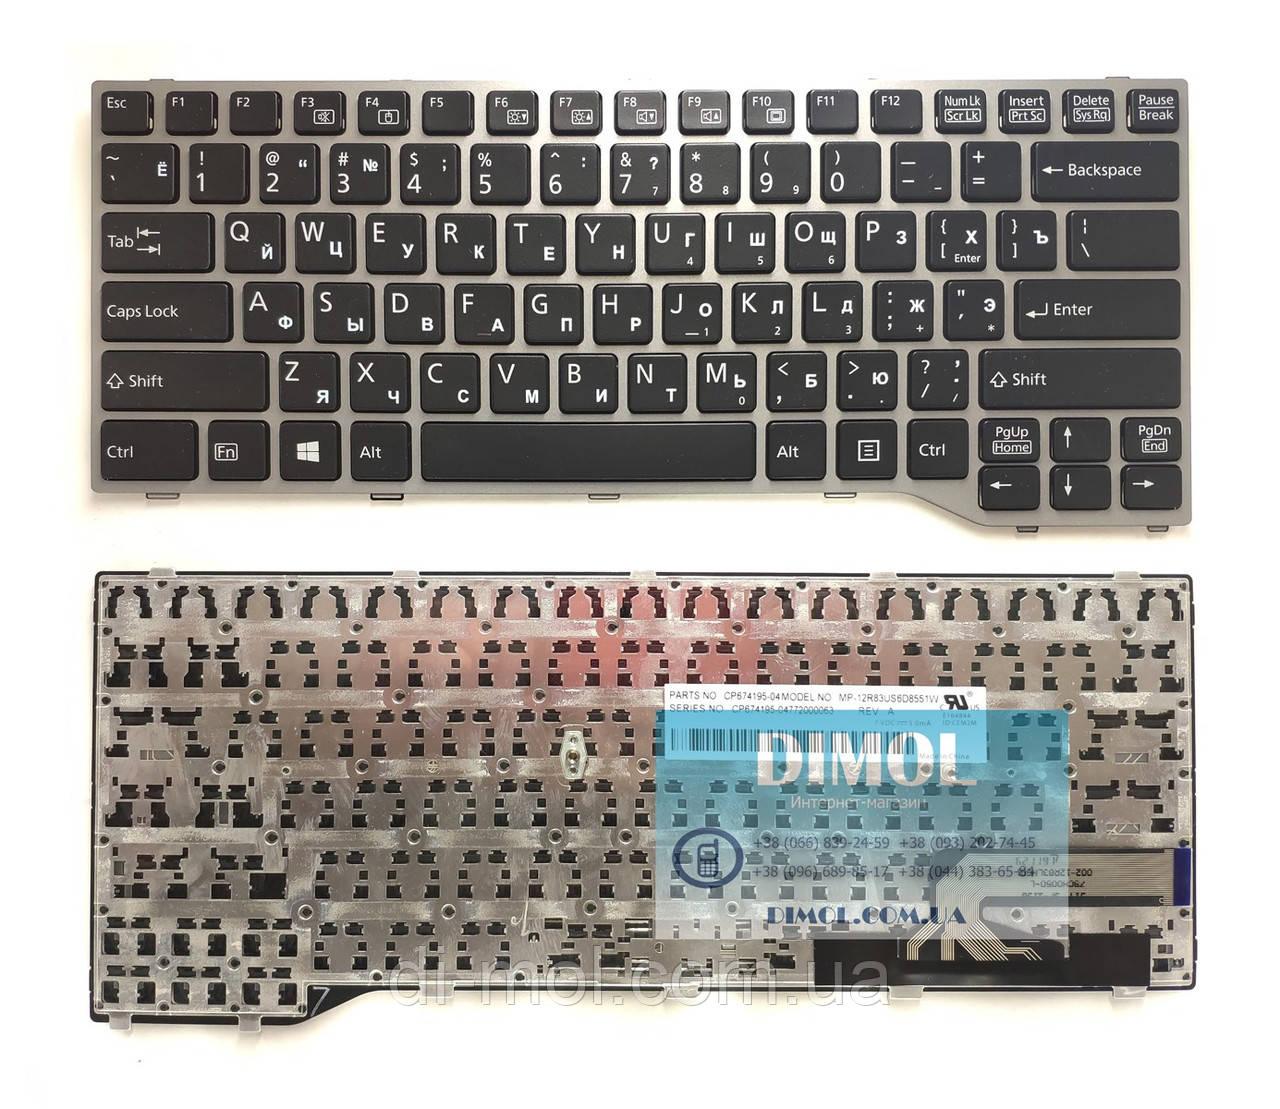 Оригинальная клавиатура для Fujitsu-Siemens LifeBook T725, T726 series, ru, black, серая рамка